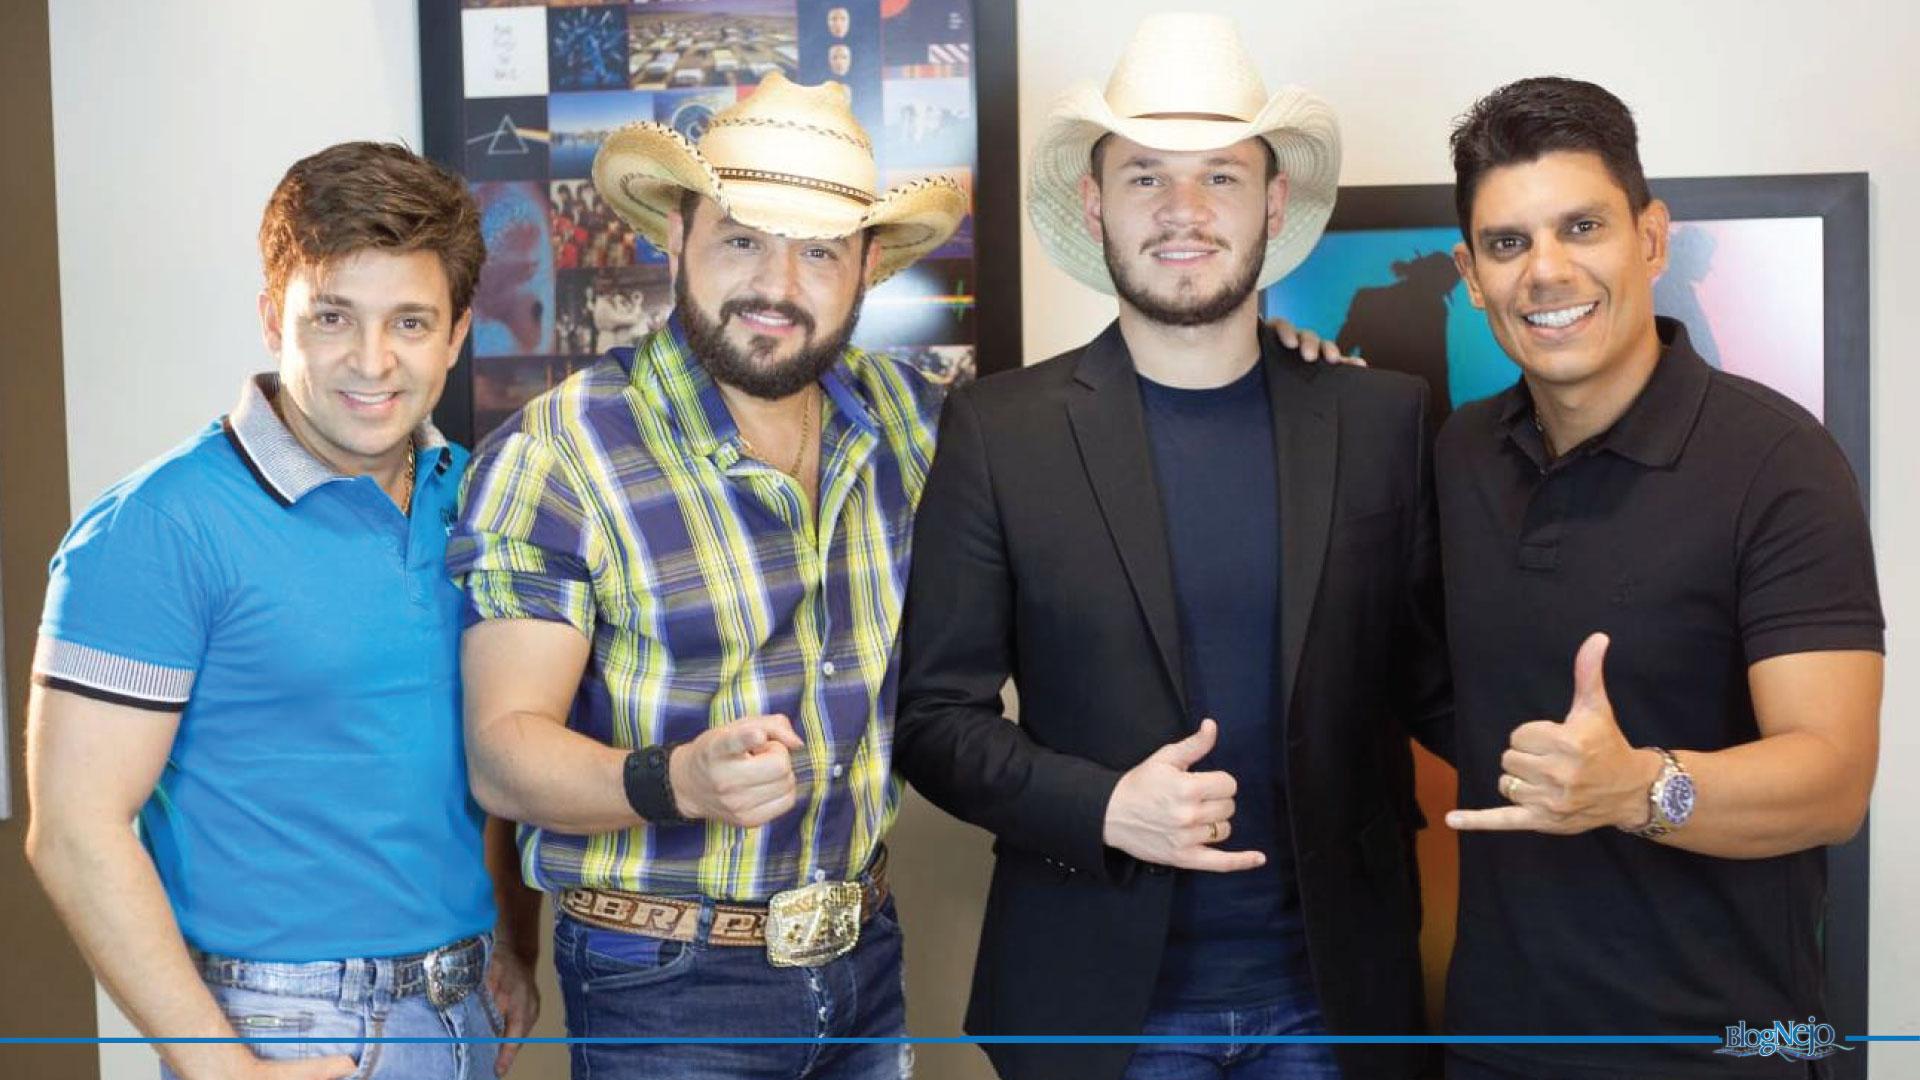 Dany & Diego lançam música com participação de Carreiro & Capataz